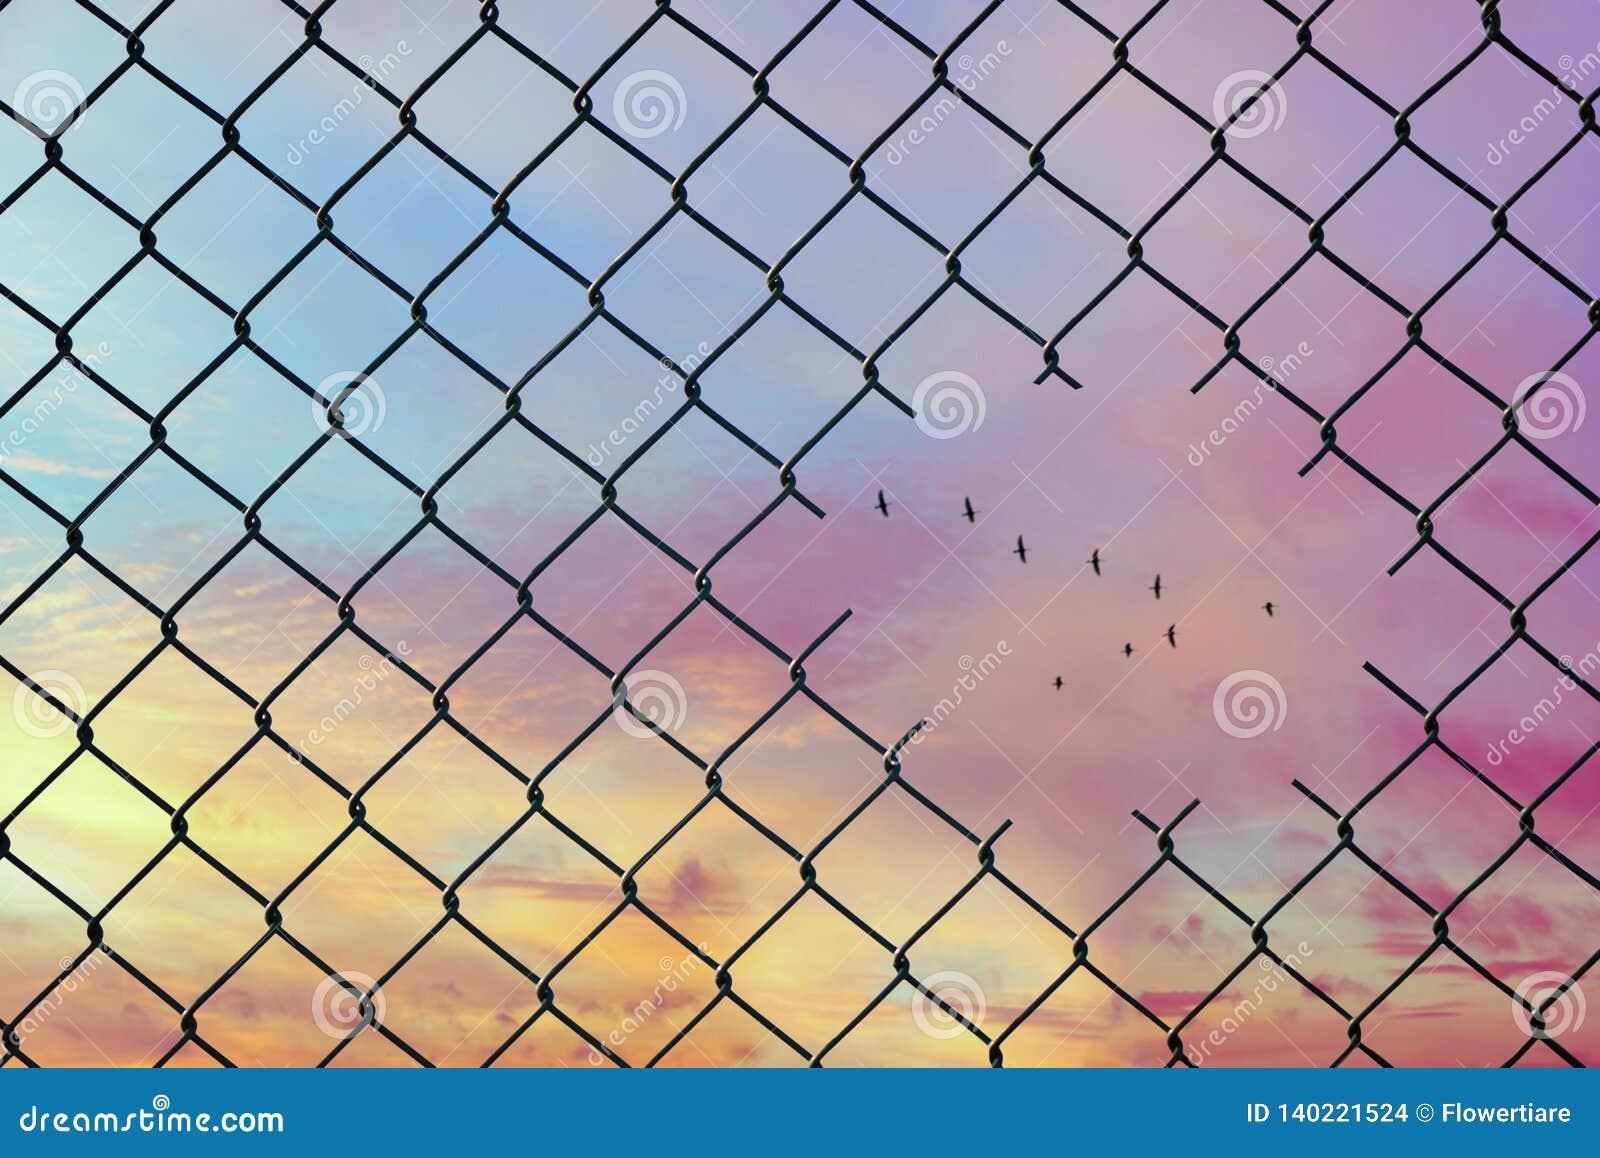 Imagen conceptual de los pájaros que vuelan en la forma de v en el agujero de la cerca de alambre de acero de la malla